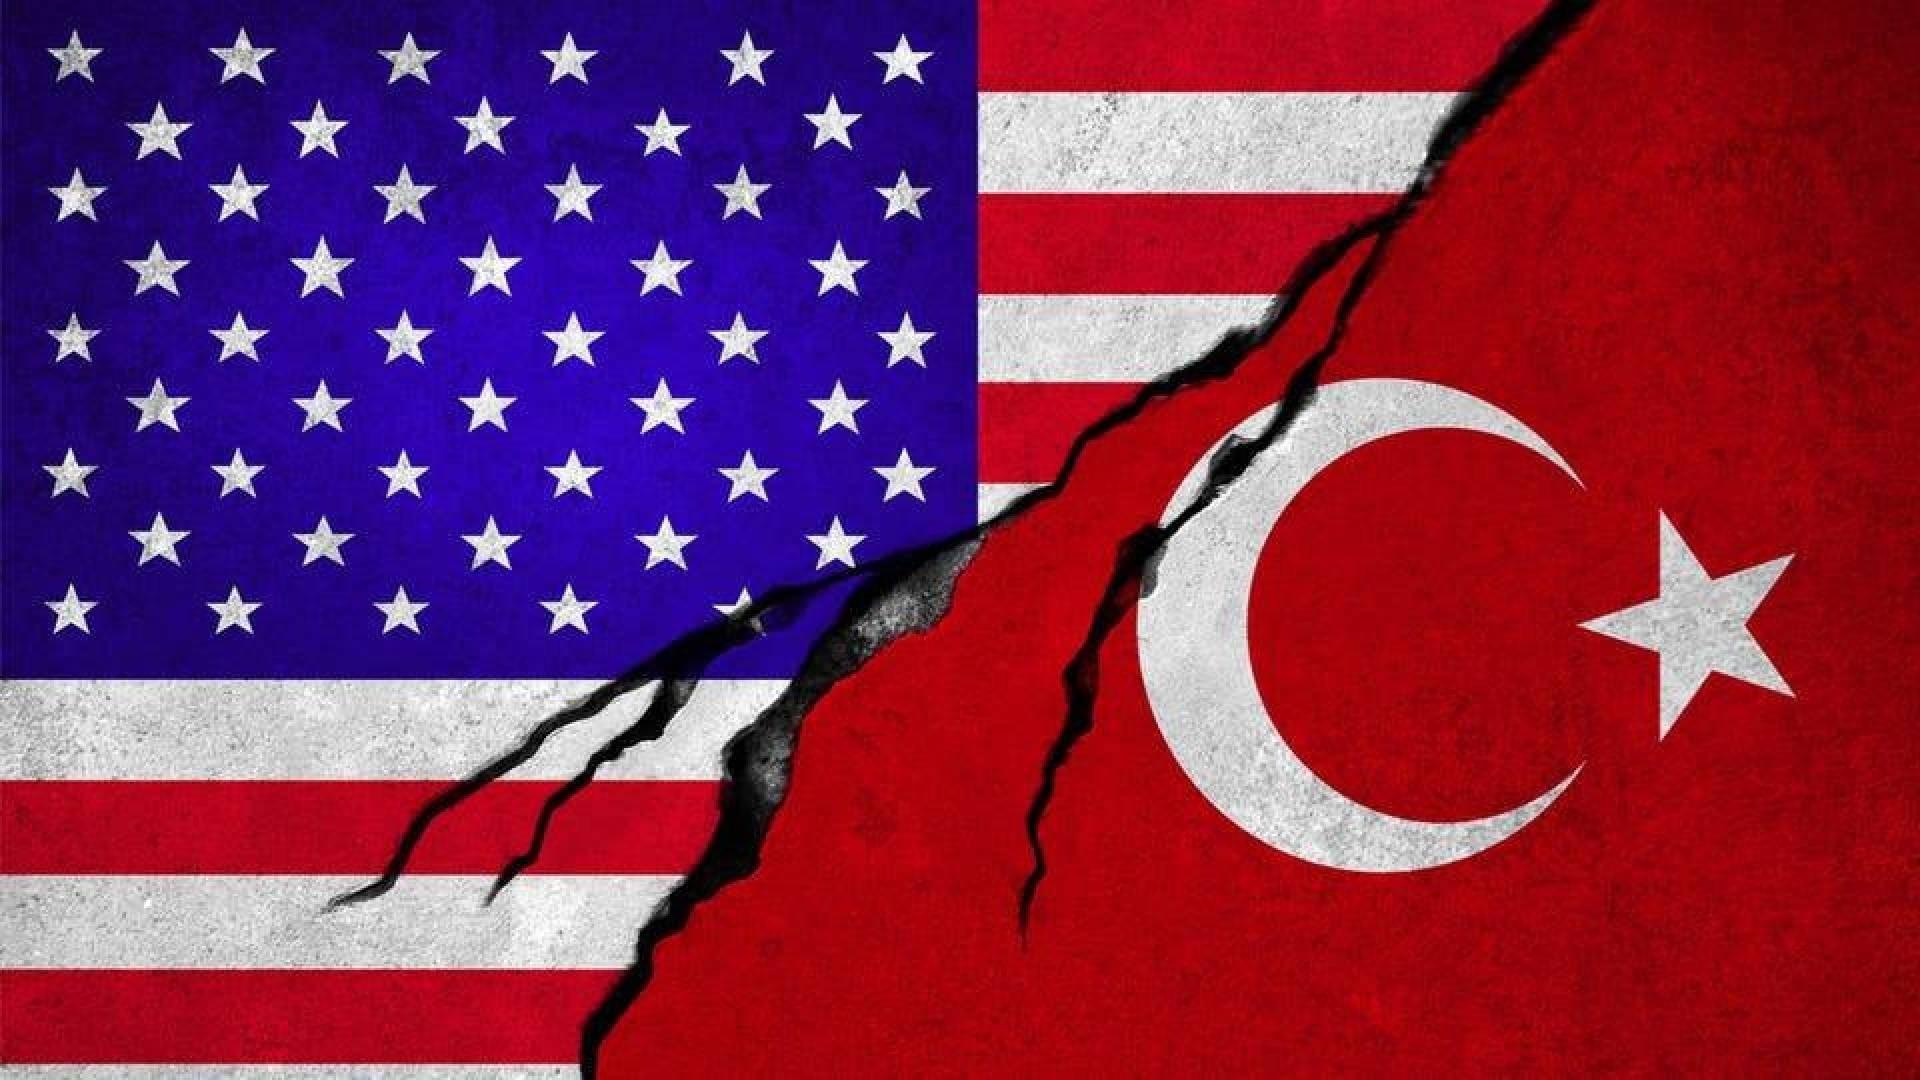 ما هي العقوبات المحتملة ضد تركيا بموجب قانون مواجهة أعداء أميركا؟